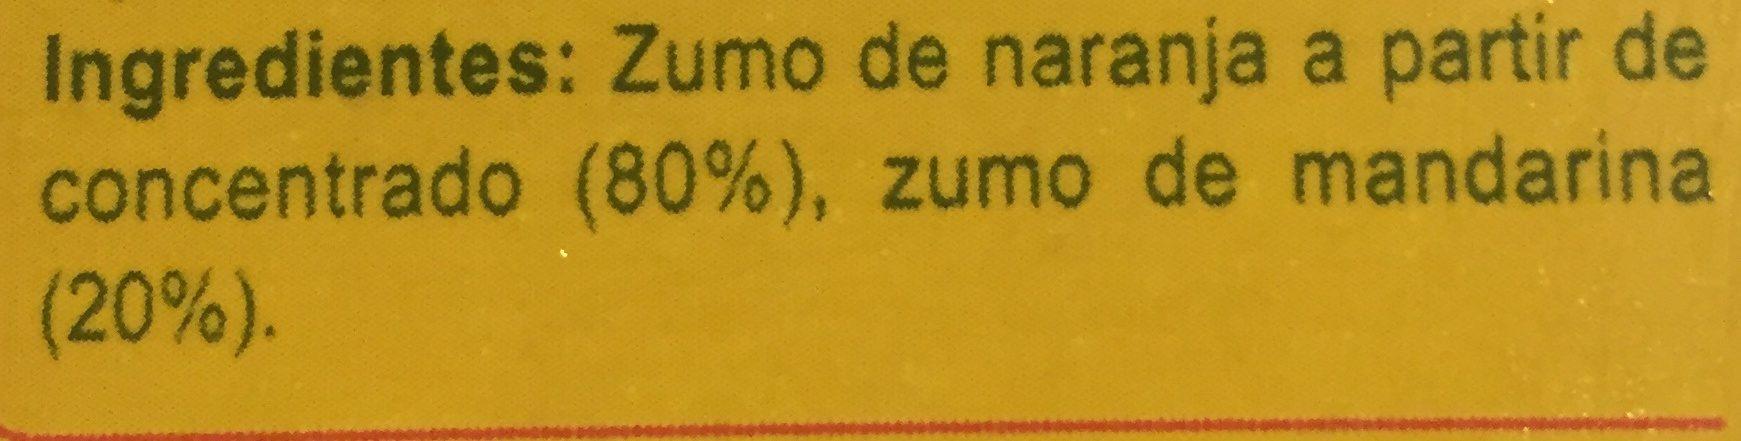 Zumo de naranja mandarinaparcialmente a partir de concentrado - Ingrédients